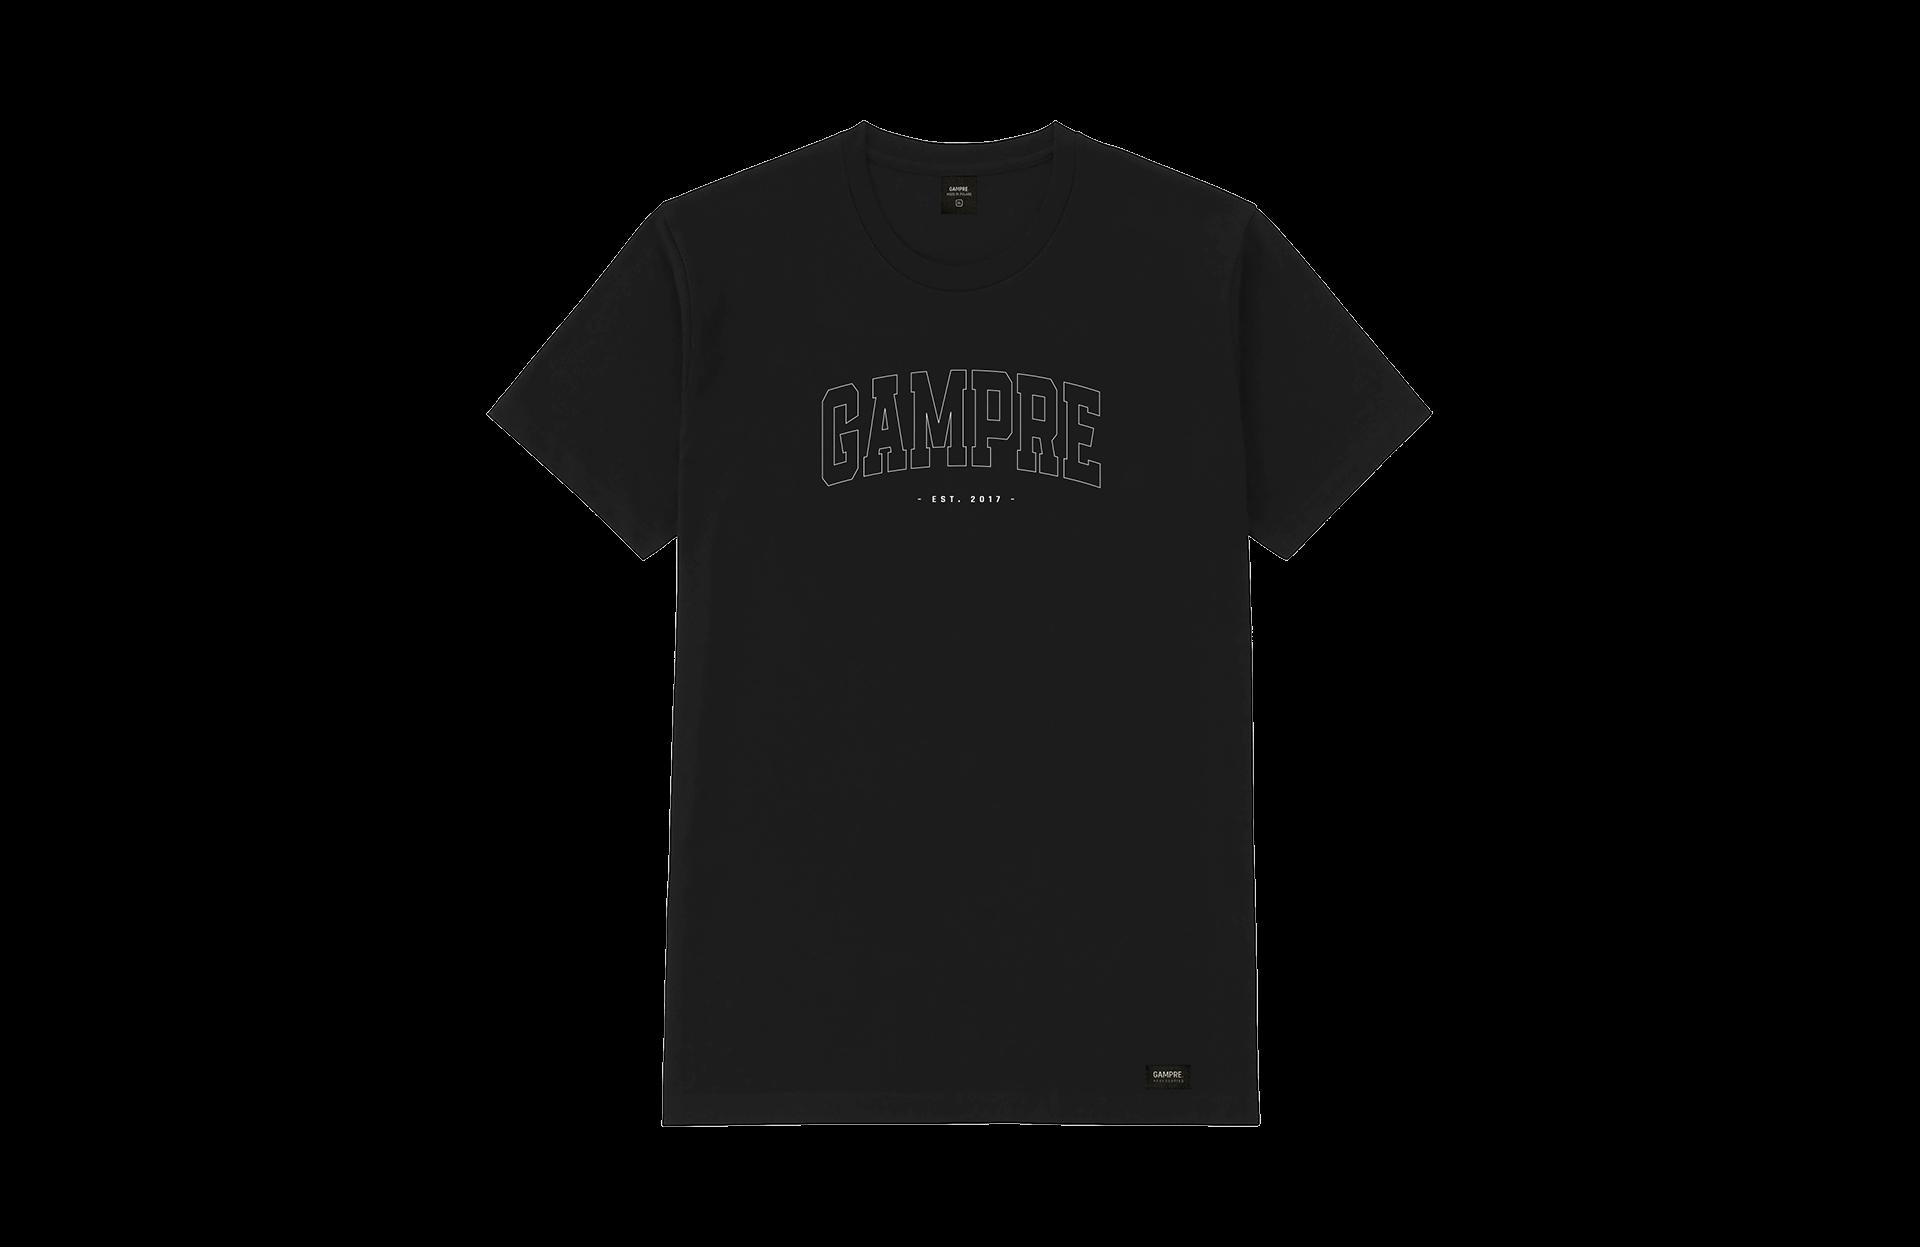 Koszulka Gampre EST. - zdjęcie #1